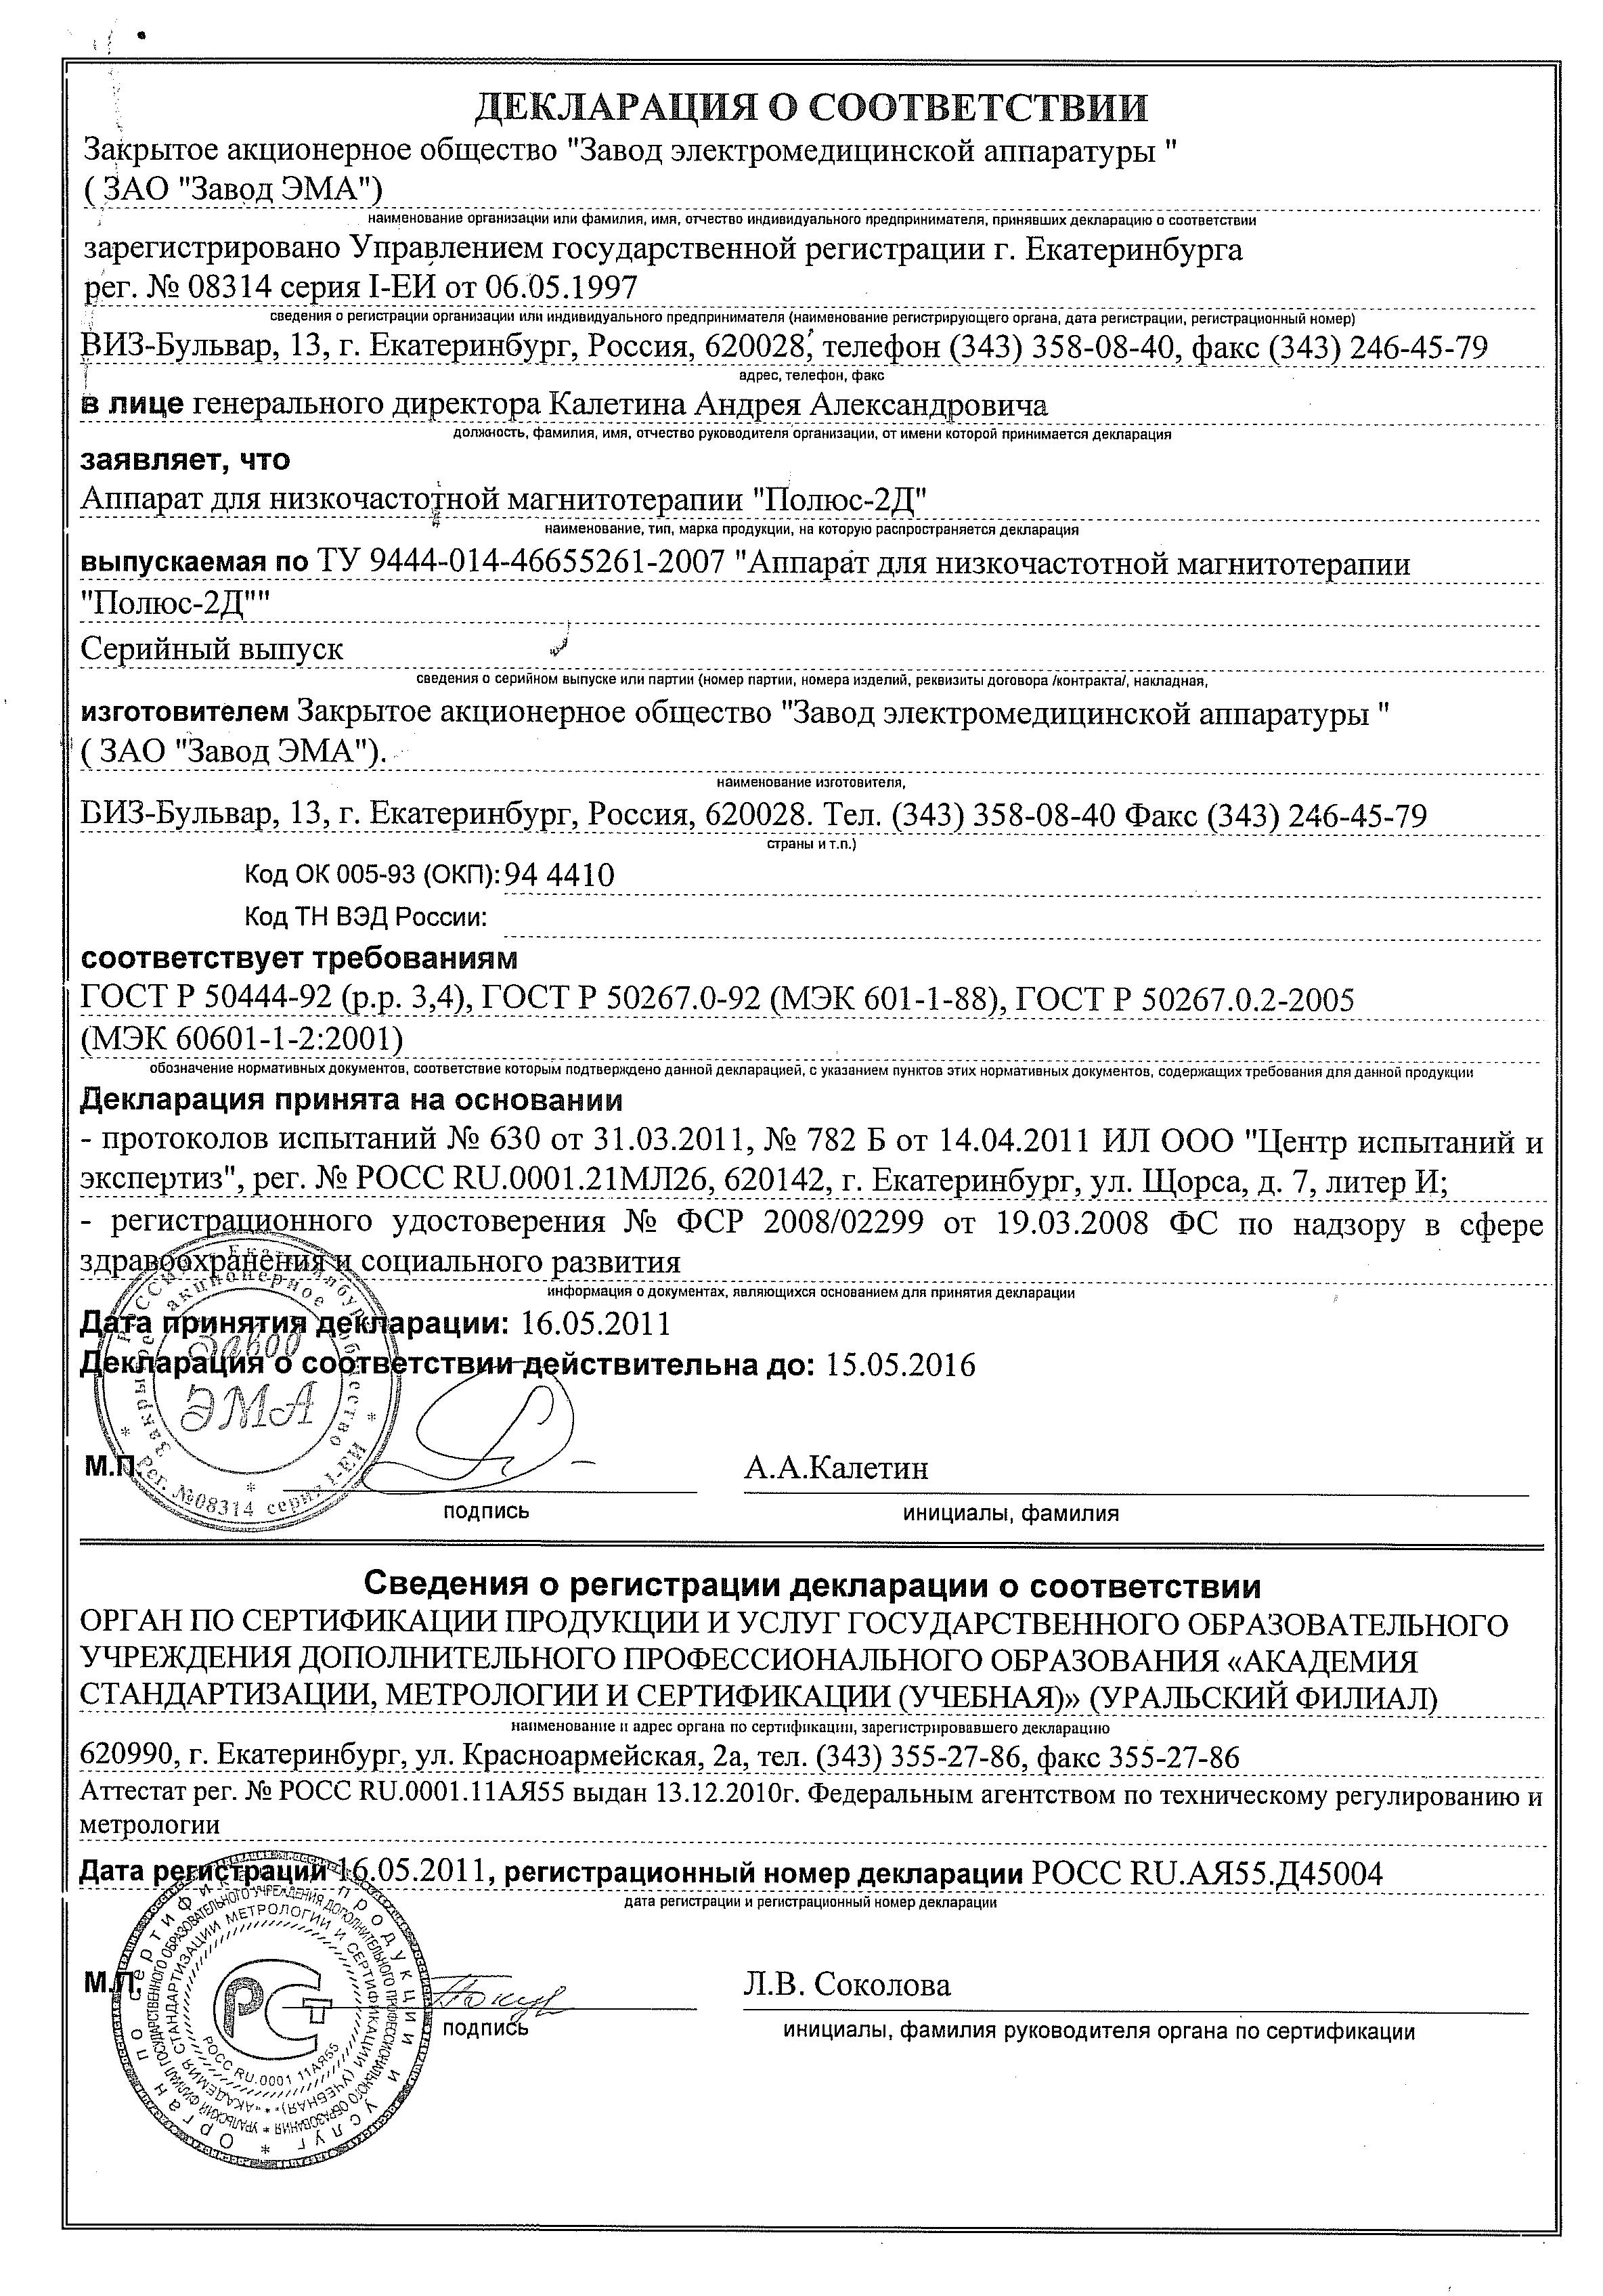 Декларация на аппарат Полюс-2Д